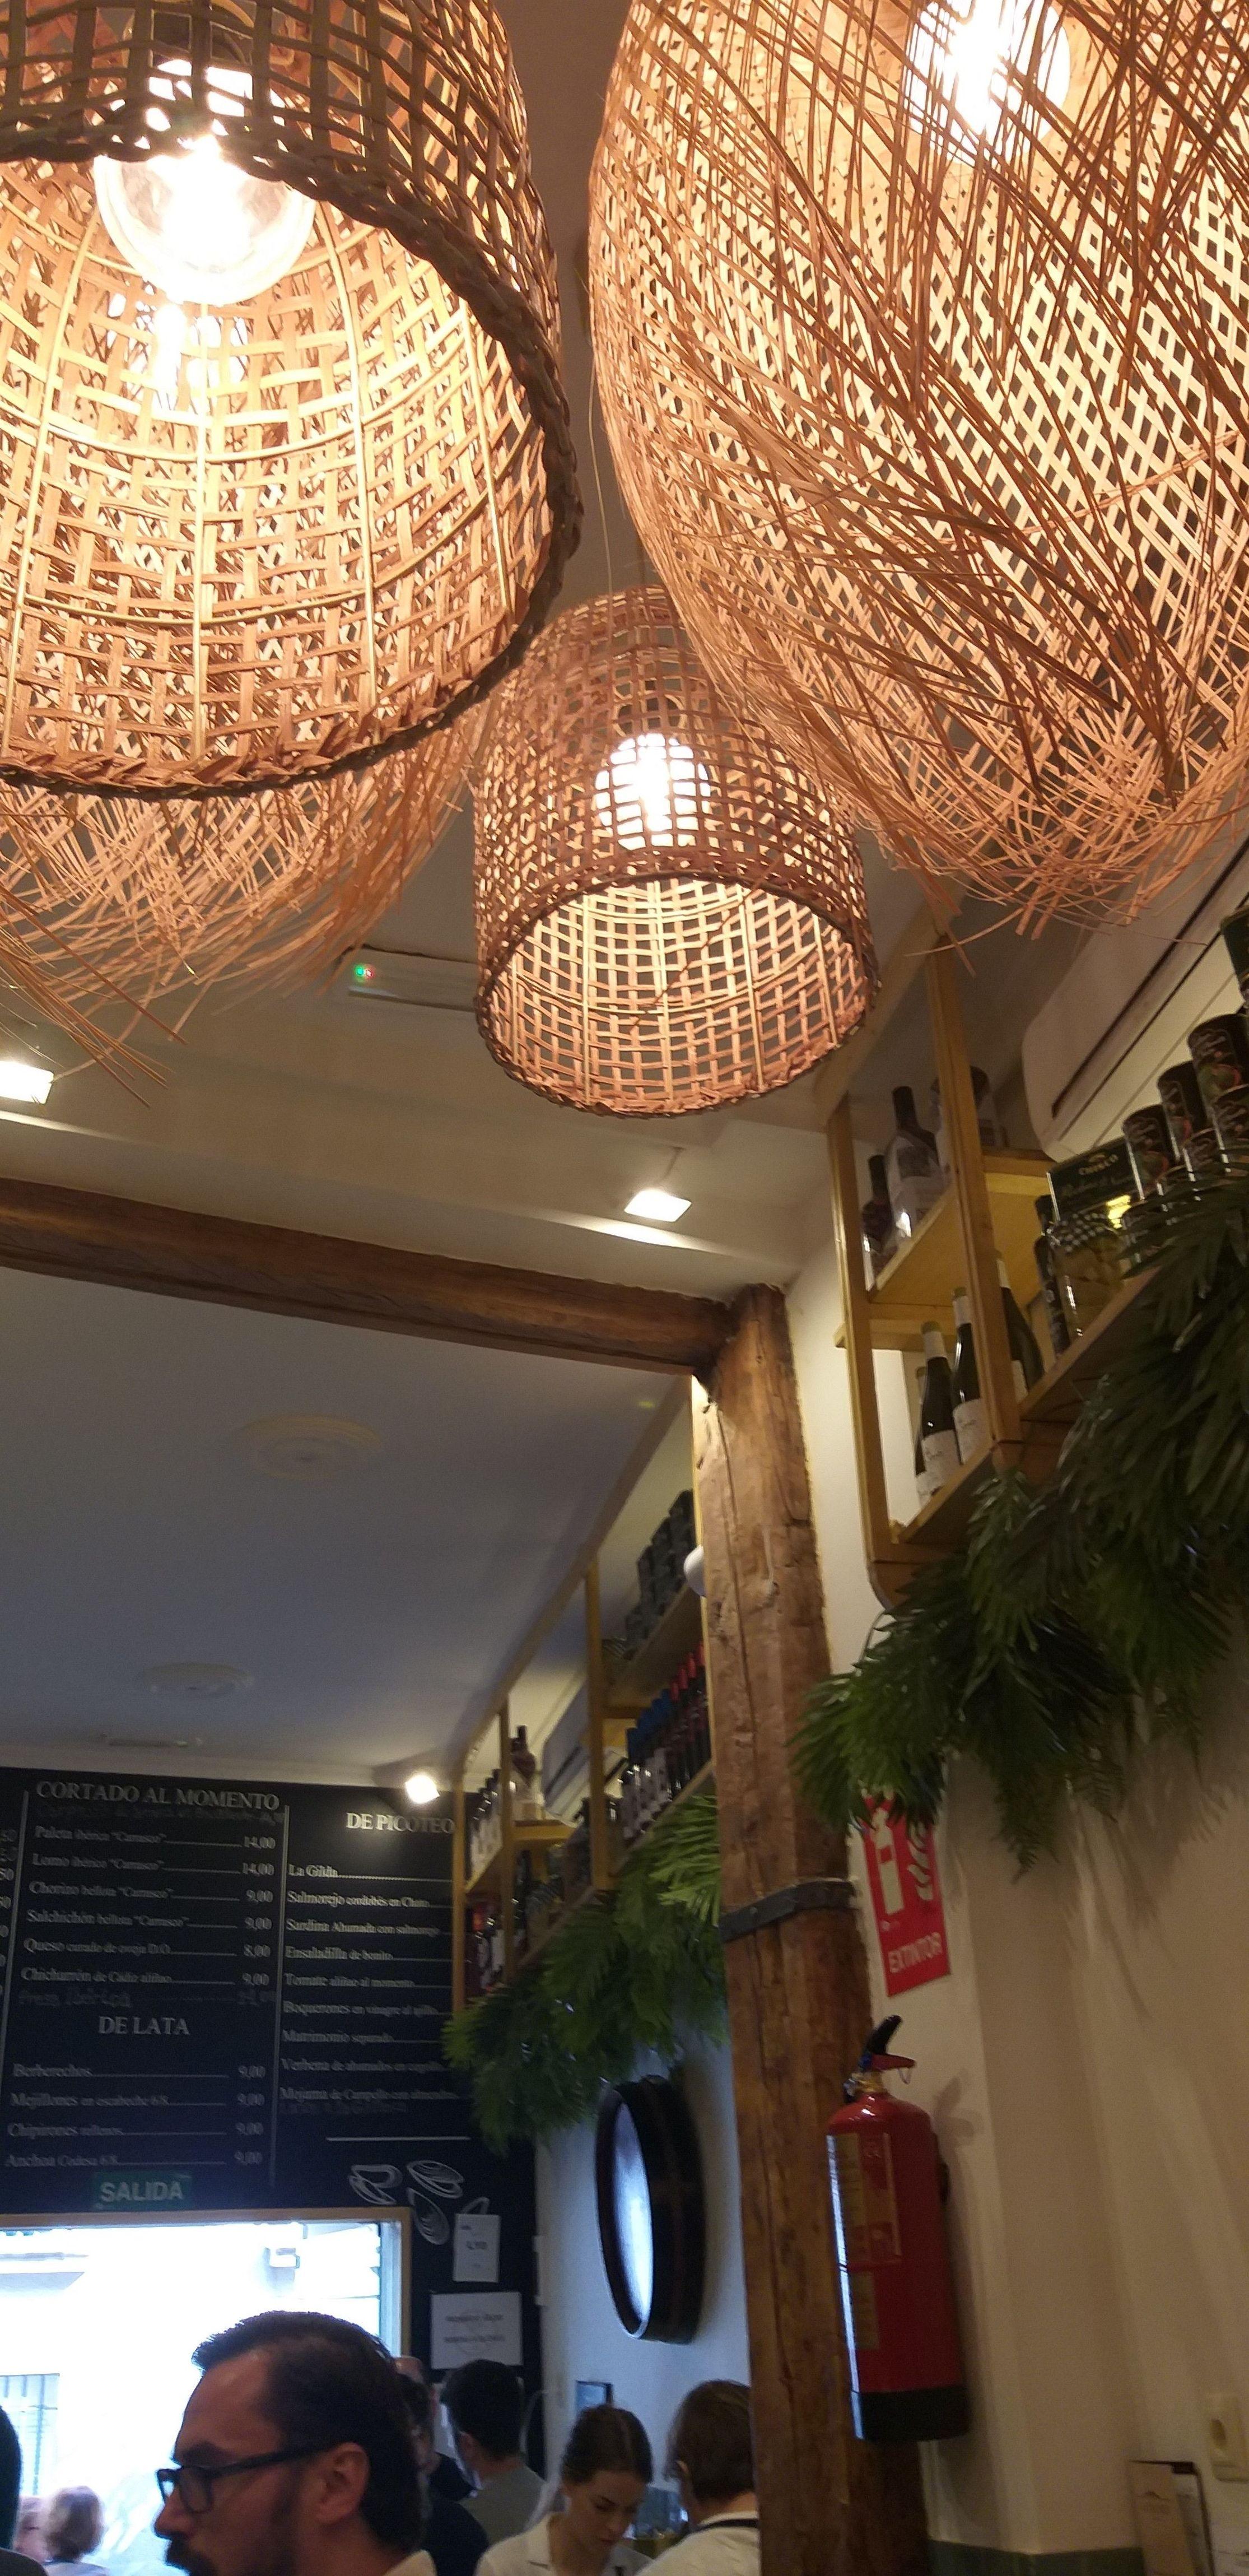 Bar de copas Barrio de las Letras Madrid